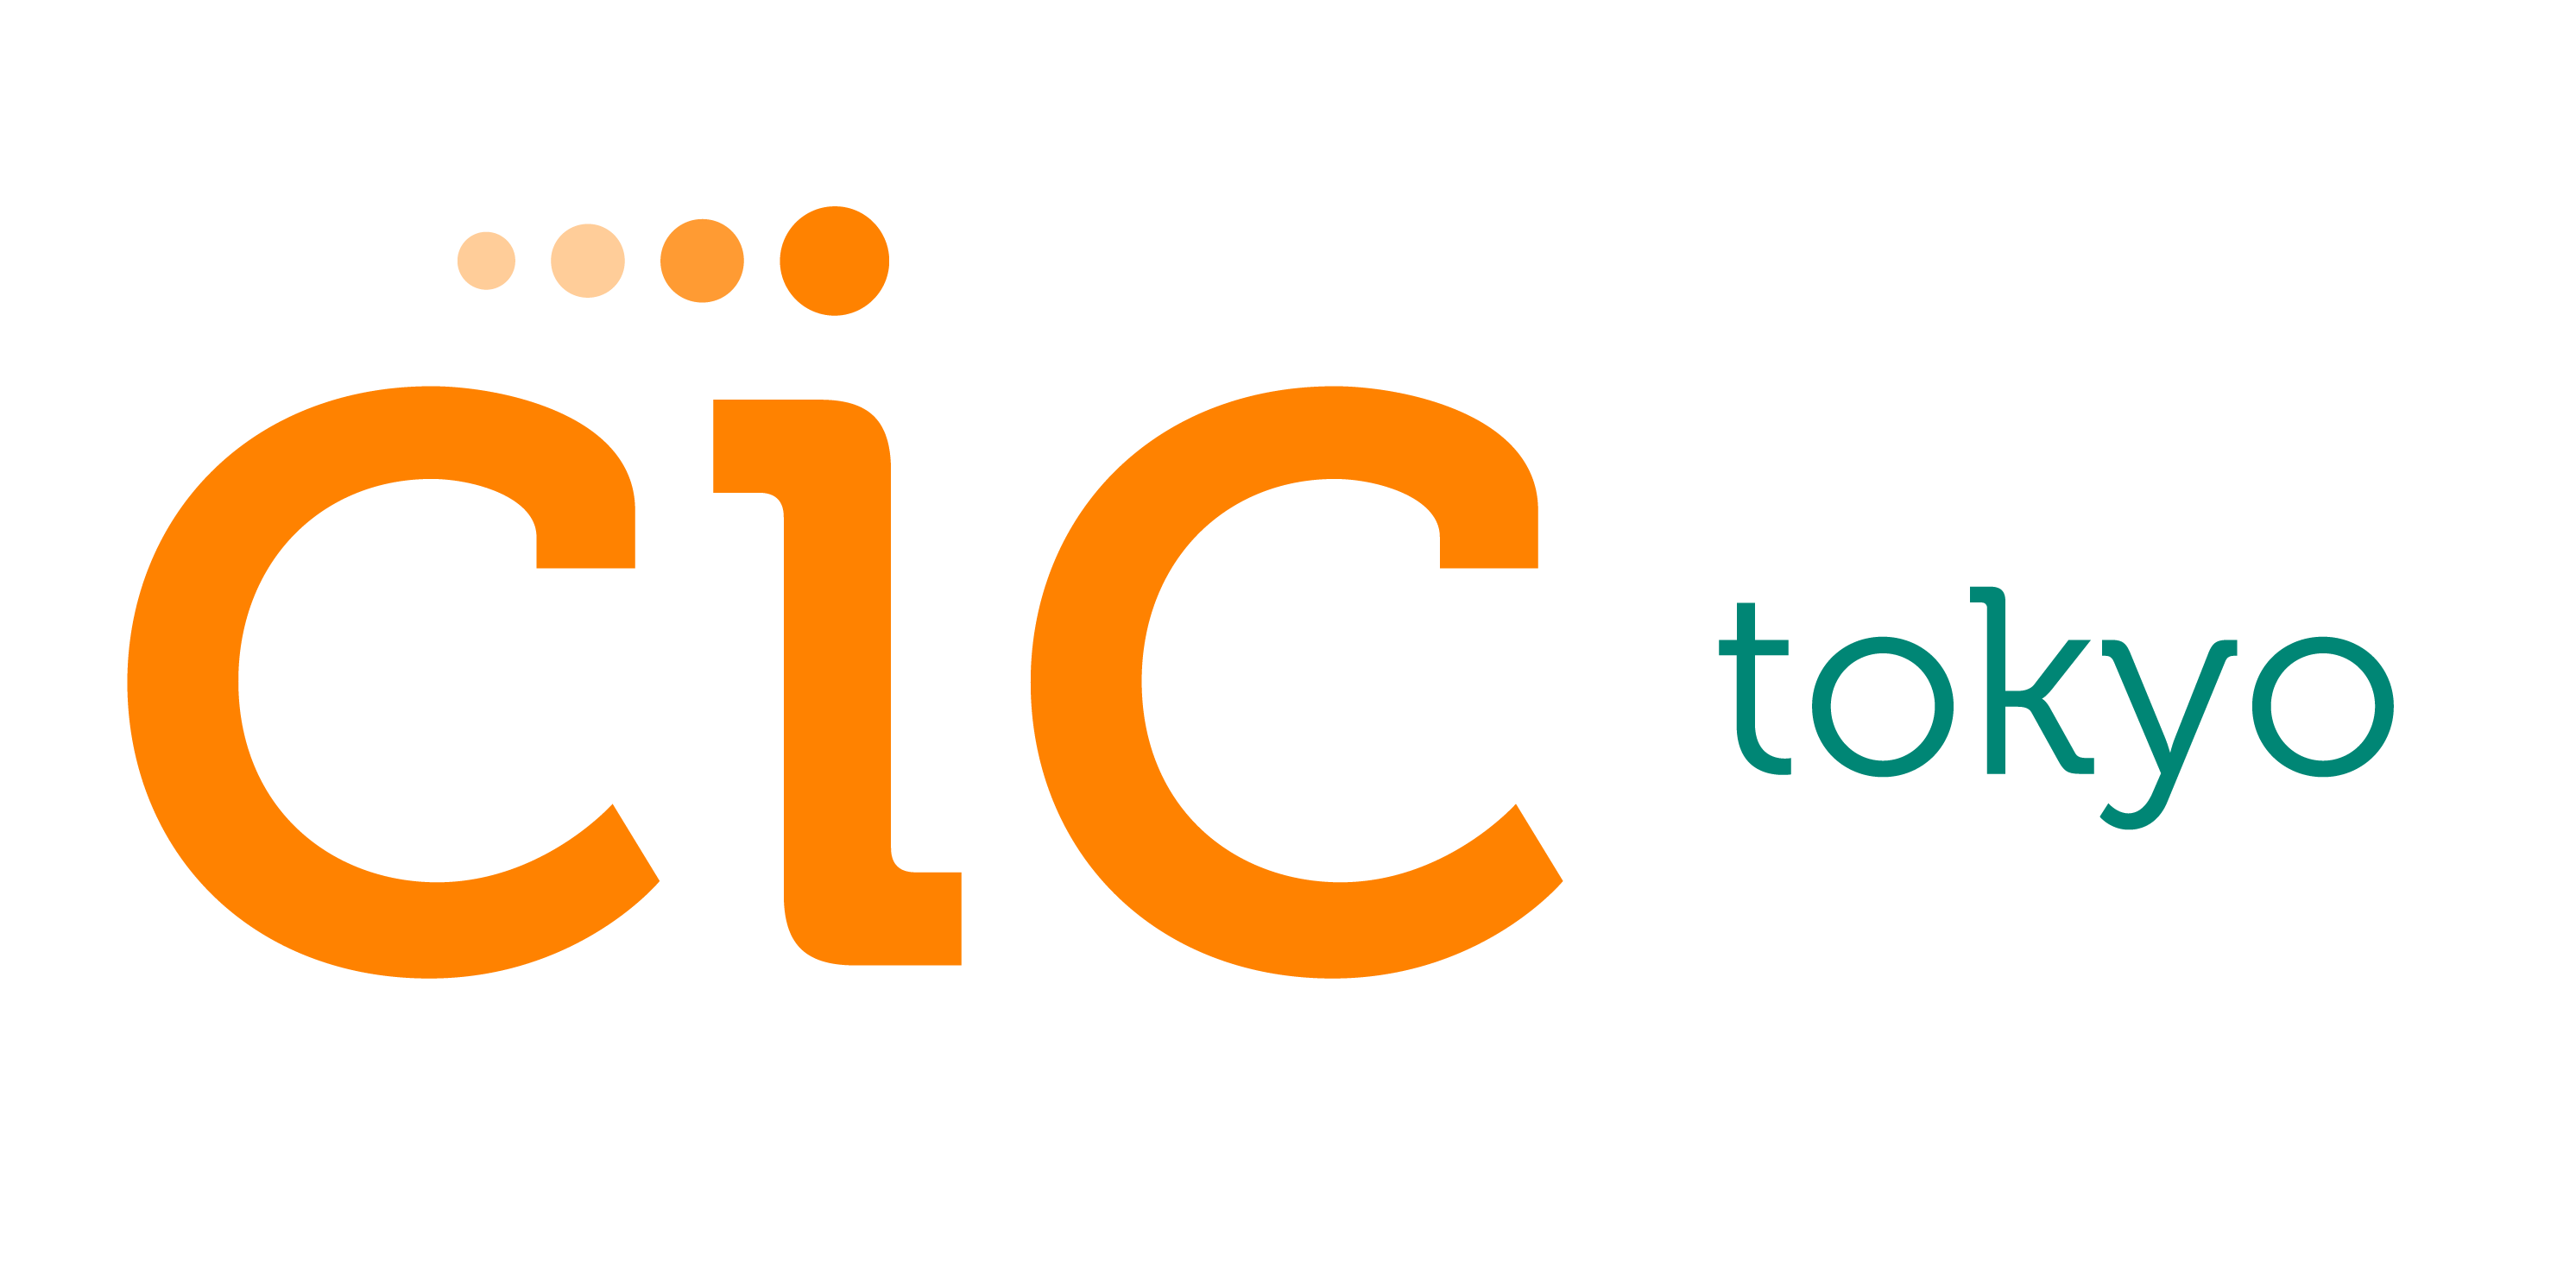 CIC Tokyo